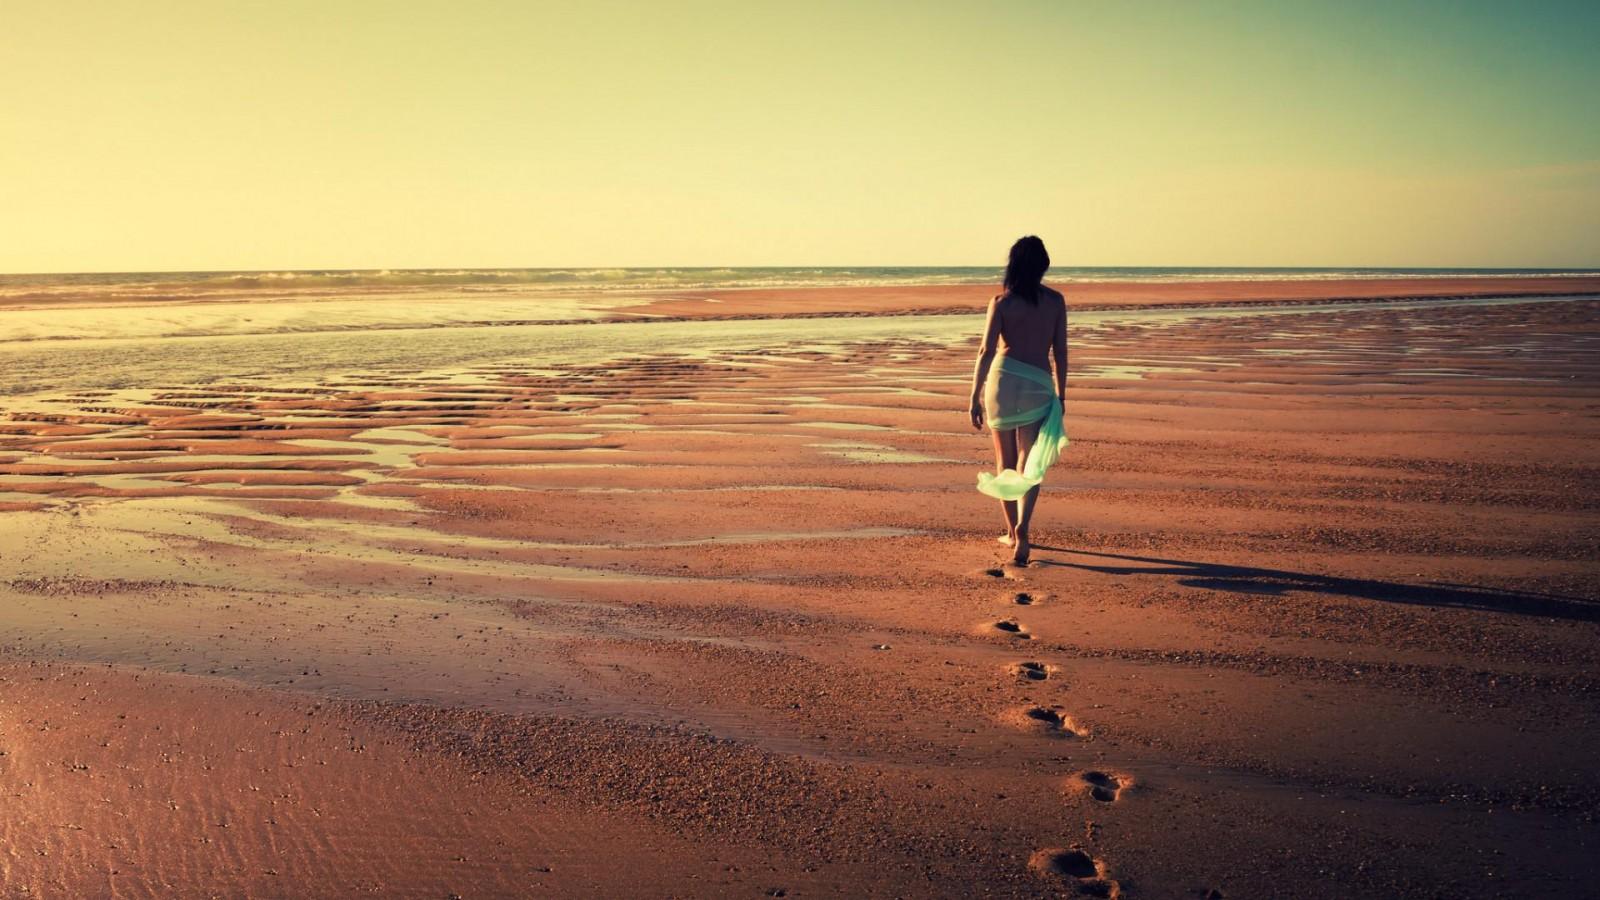 Alone Girl At Sea wallpaper